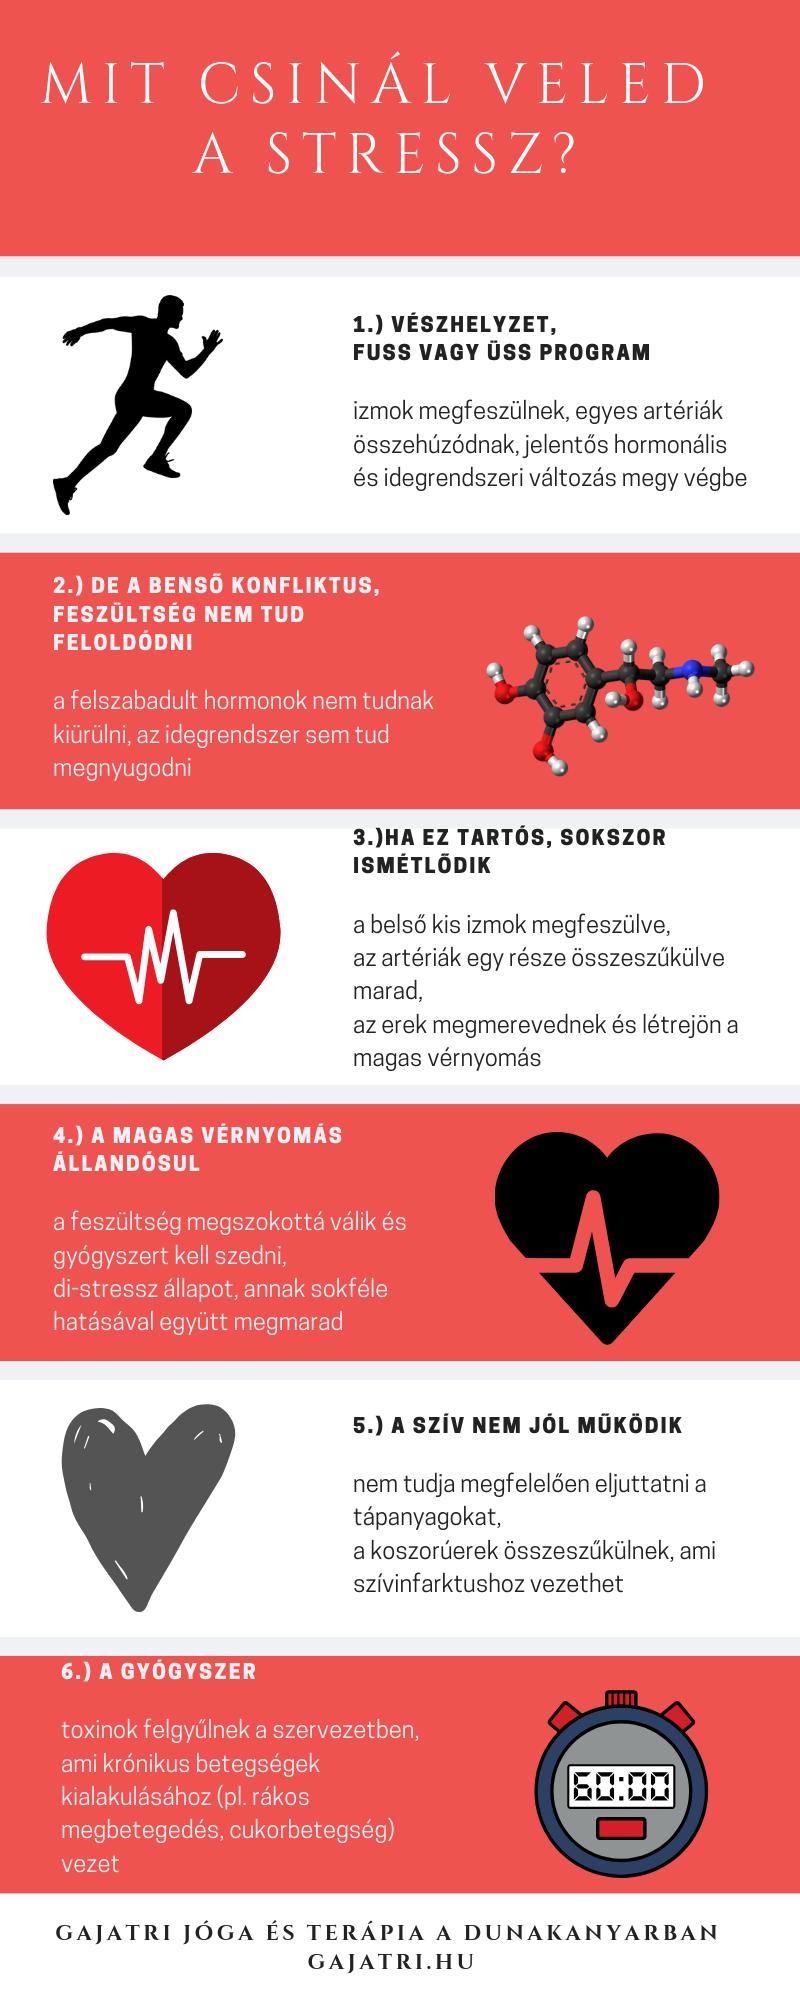 a magas vérnyomás okai nőknél 50 után